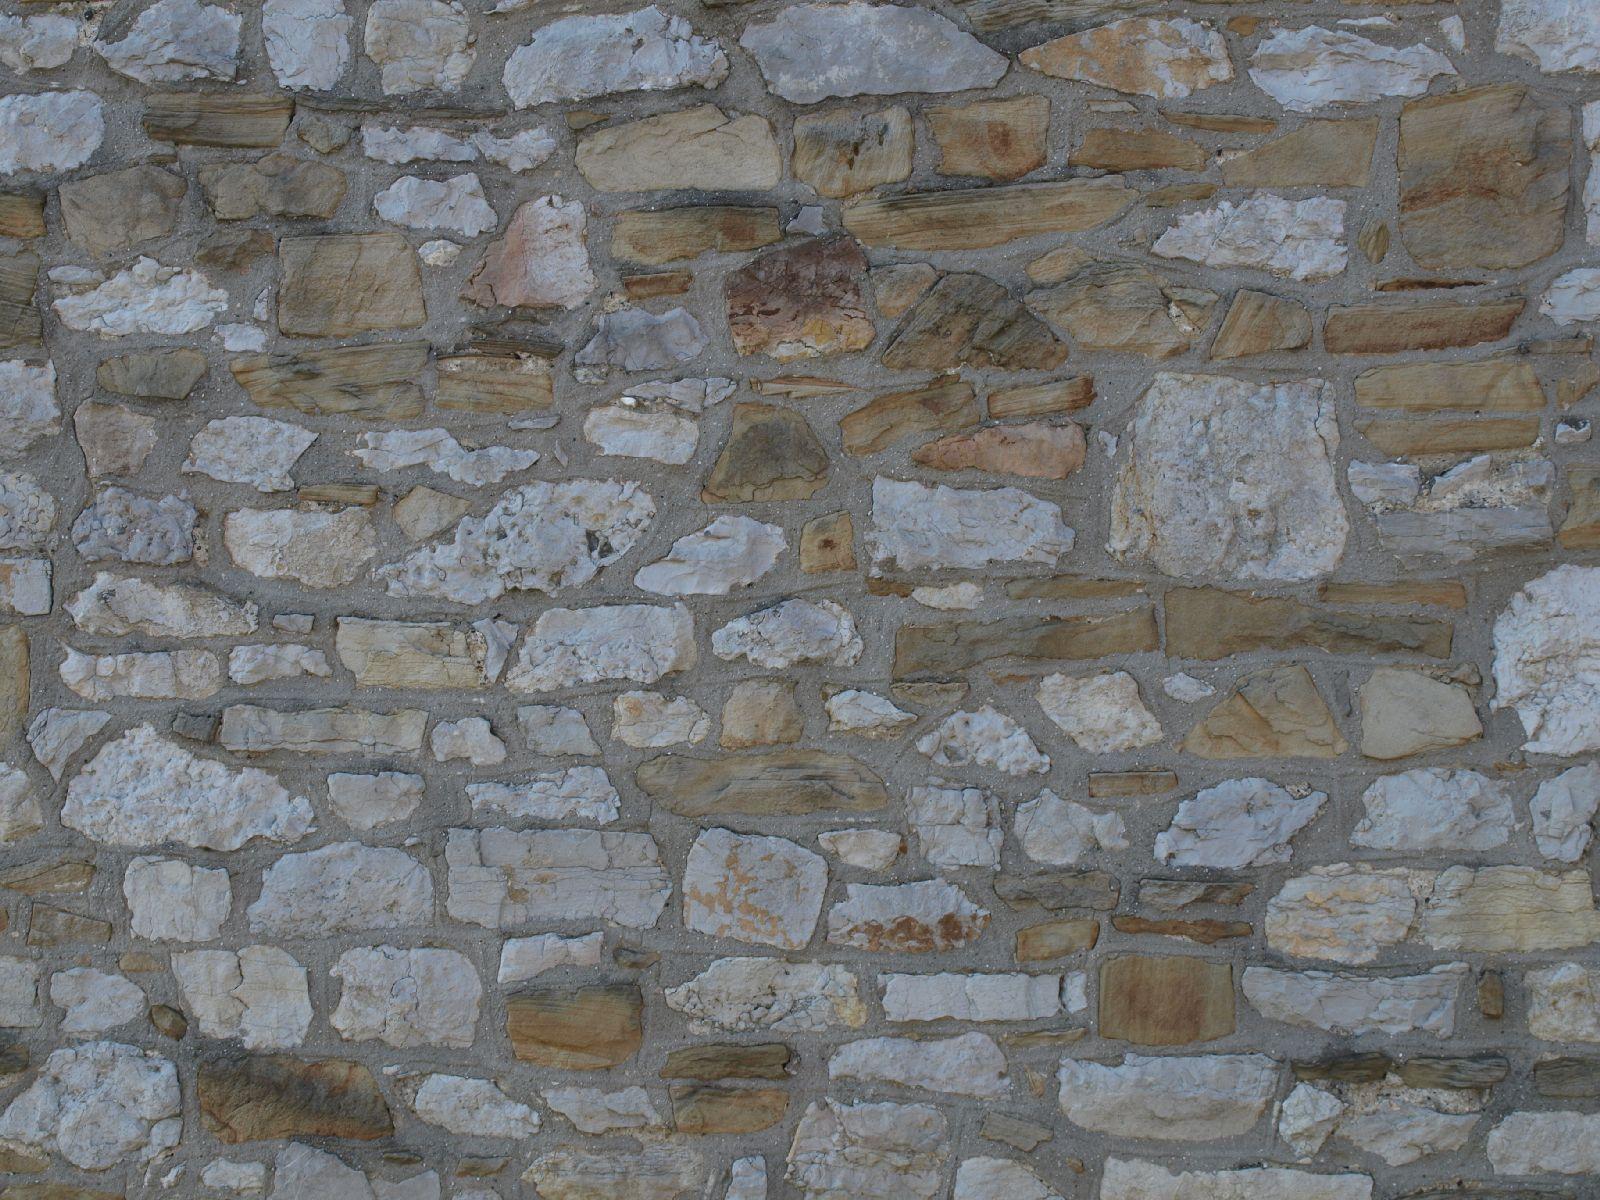 Brick_Texture_A_P6153453